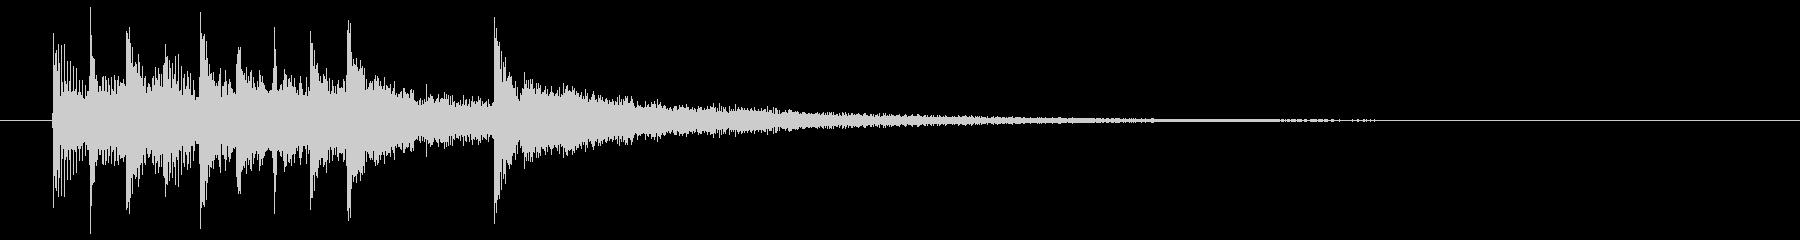 清涼感ある企業向けジングルサウンドロゴ2の未再生の波形